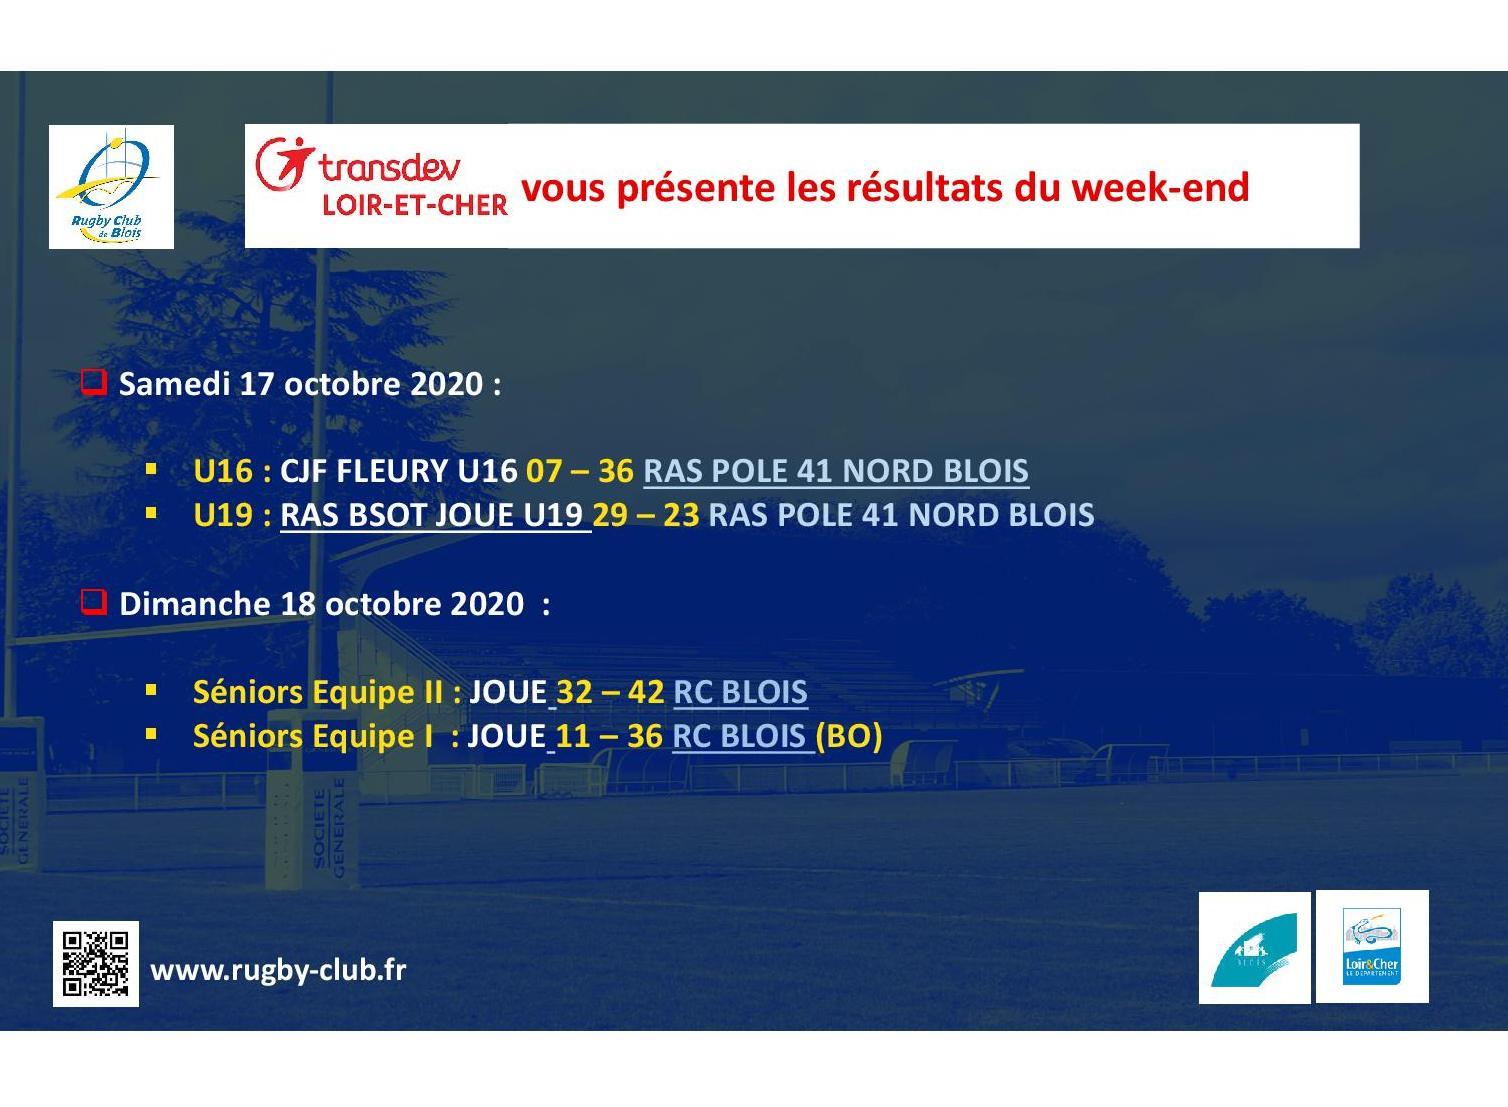 RC Blois : Les résultats du Week-End des 17 et 18 octobre 2020